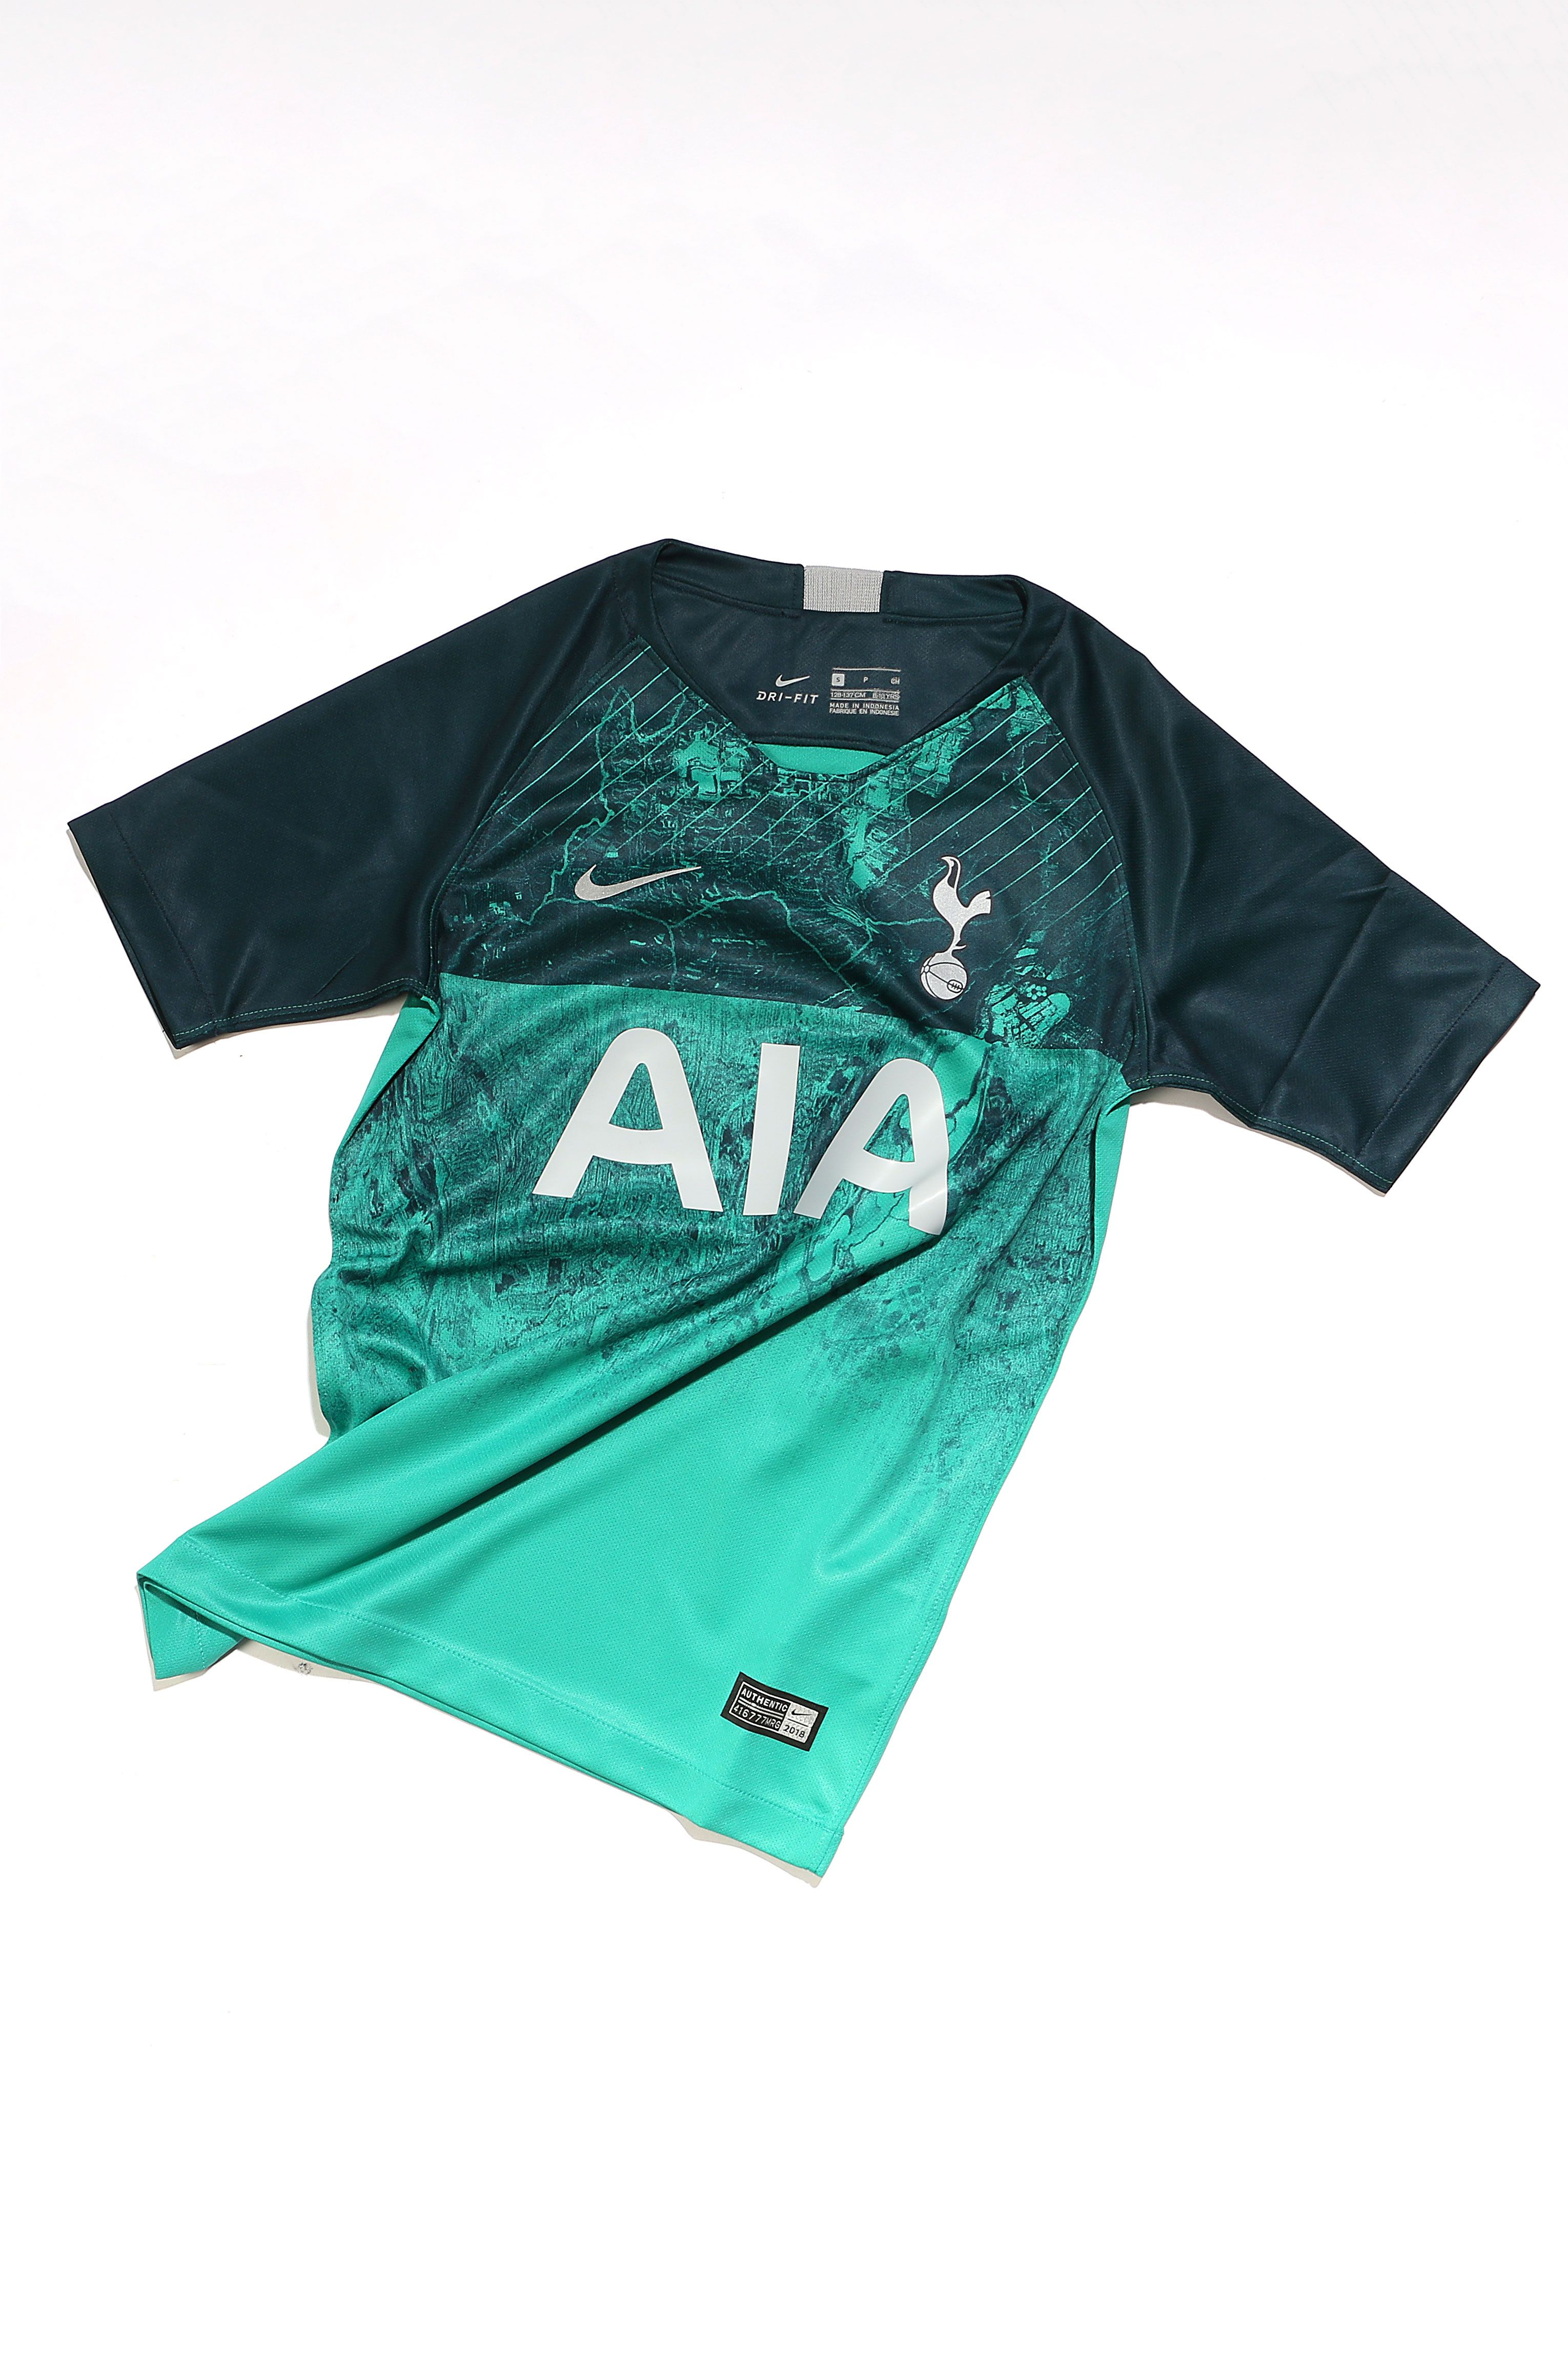 Tercera equipación del Tottenham.  nike  futbolmaniakids  tottenham Fútbol  De Niños 387bc7c0e1d44